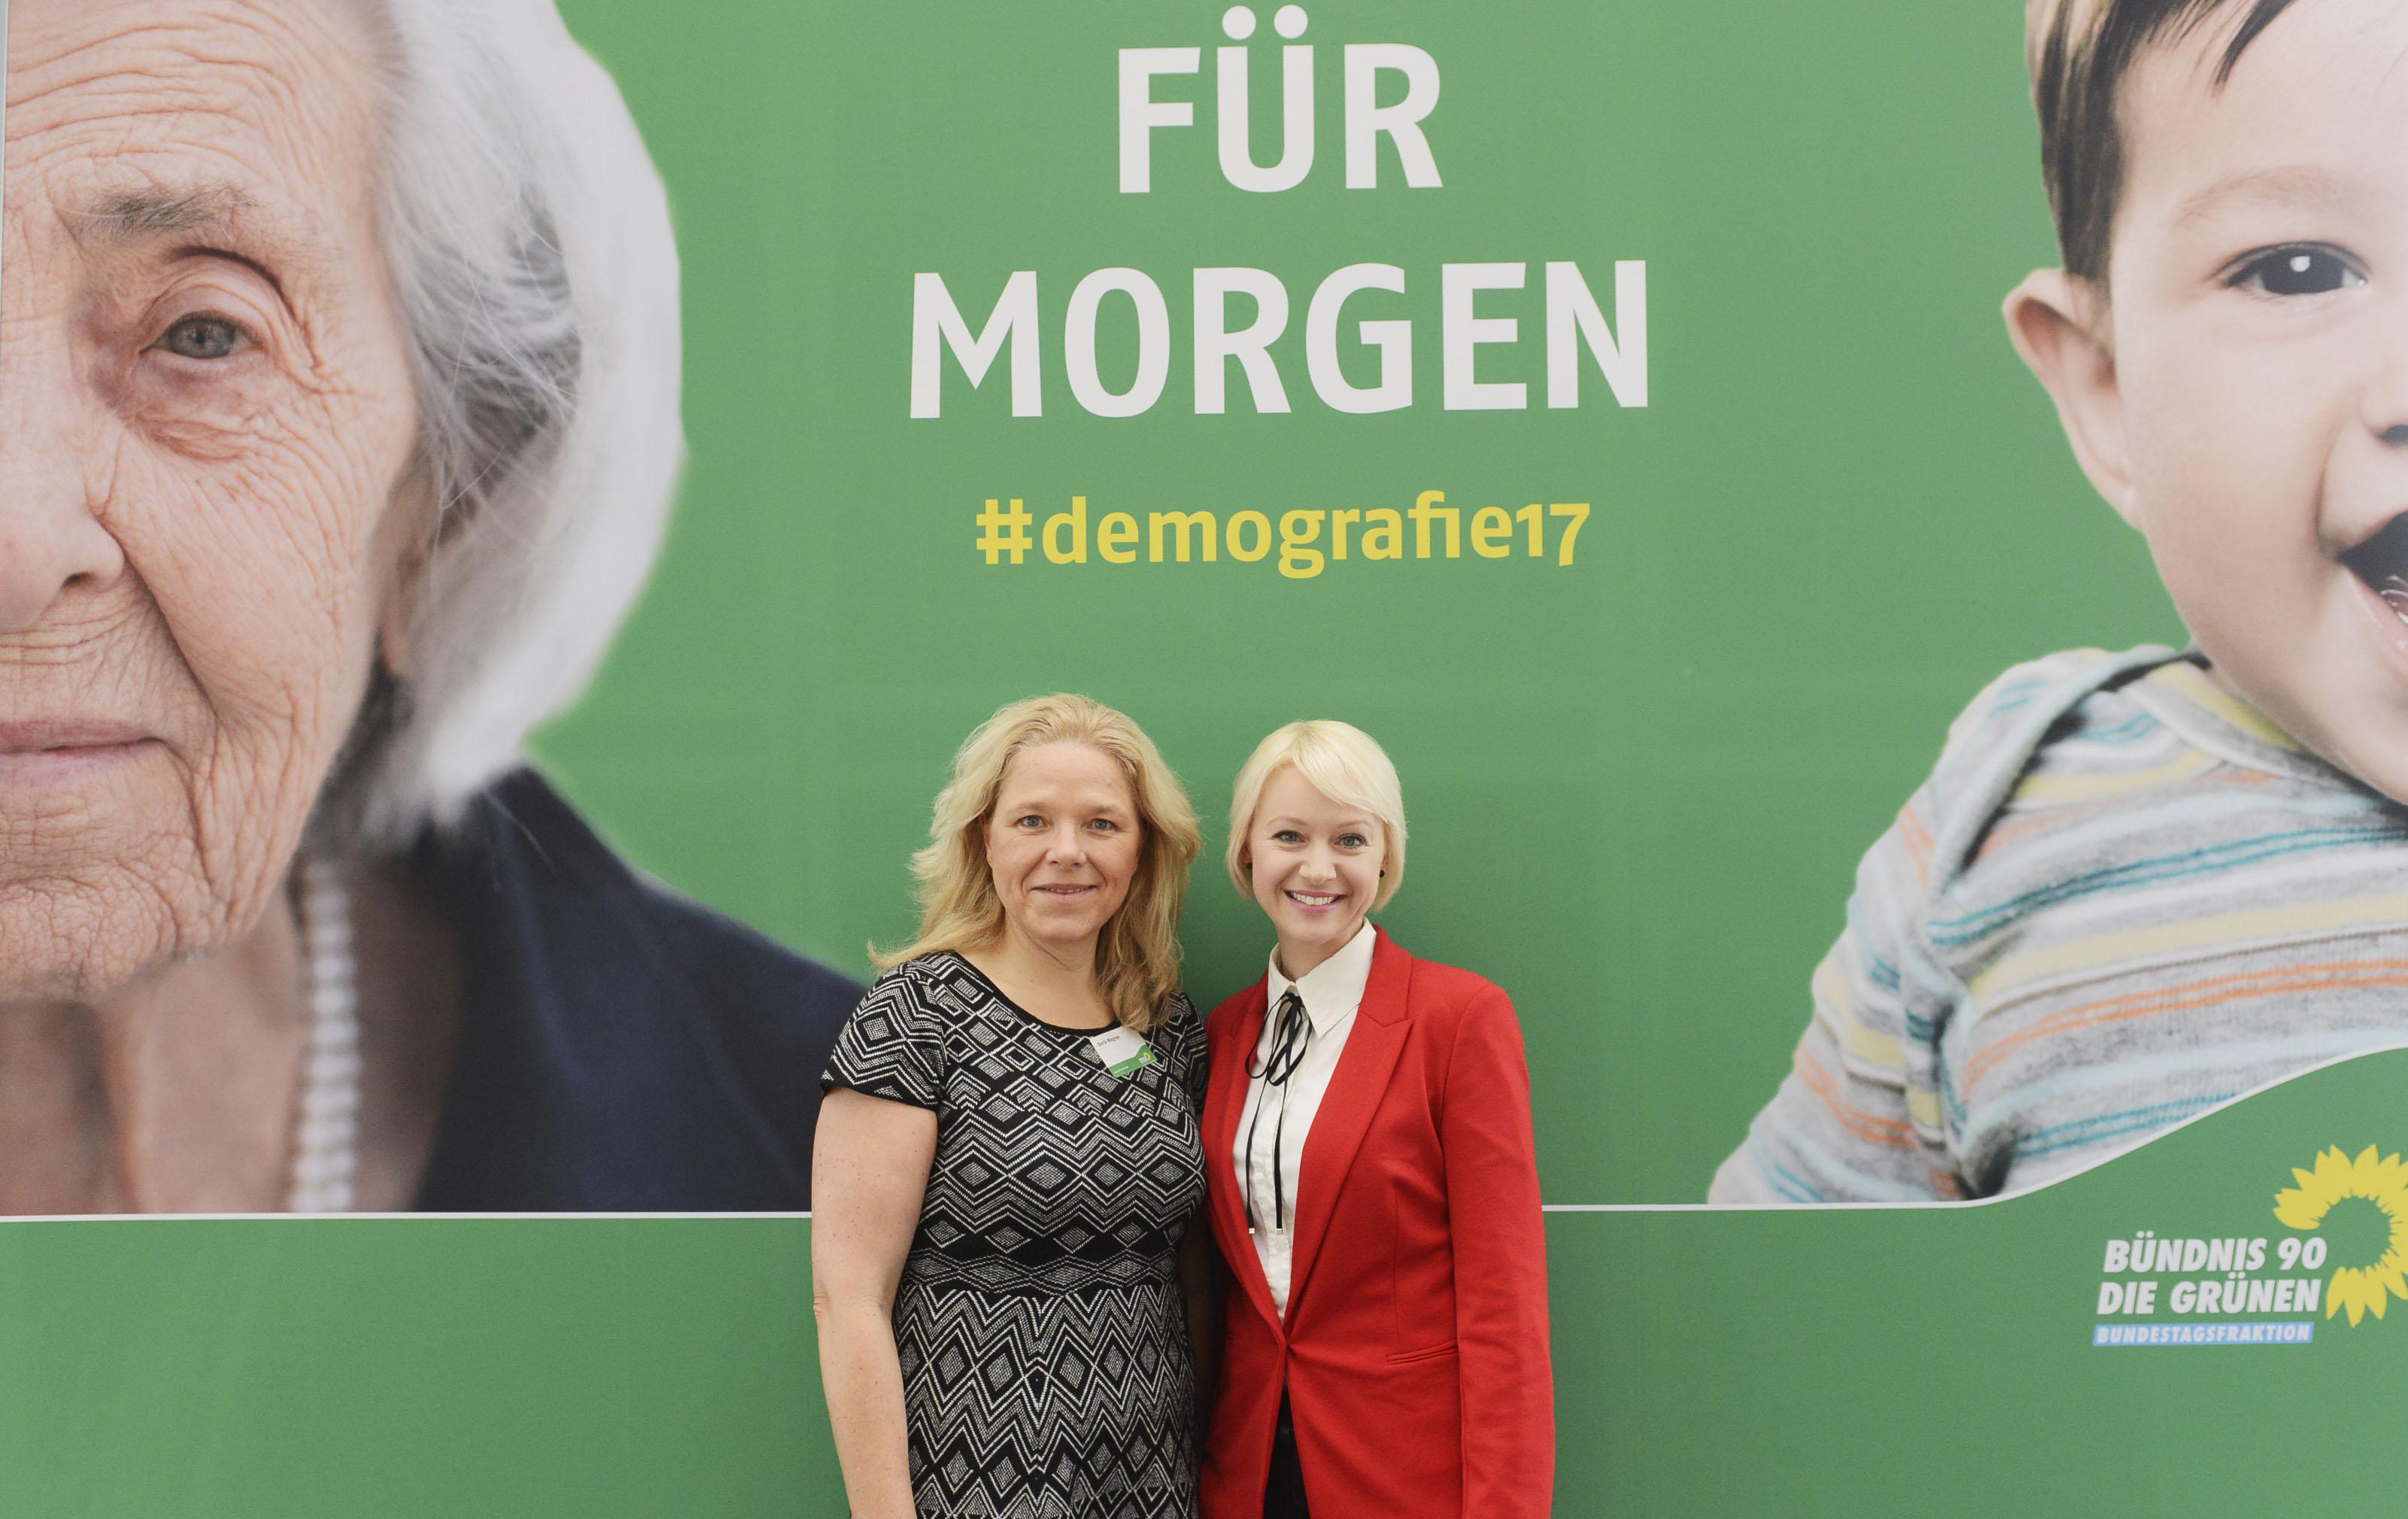 Doris Wagner und Moderatorin Katrin Neumann bei der Demografie-Konferenz der Grünen Bundestagsfraktion am 10. Februar in Berlin